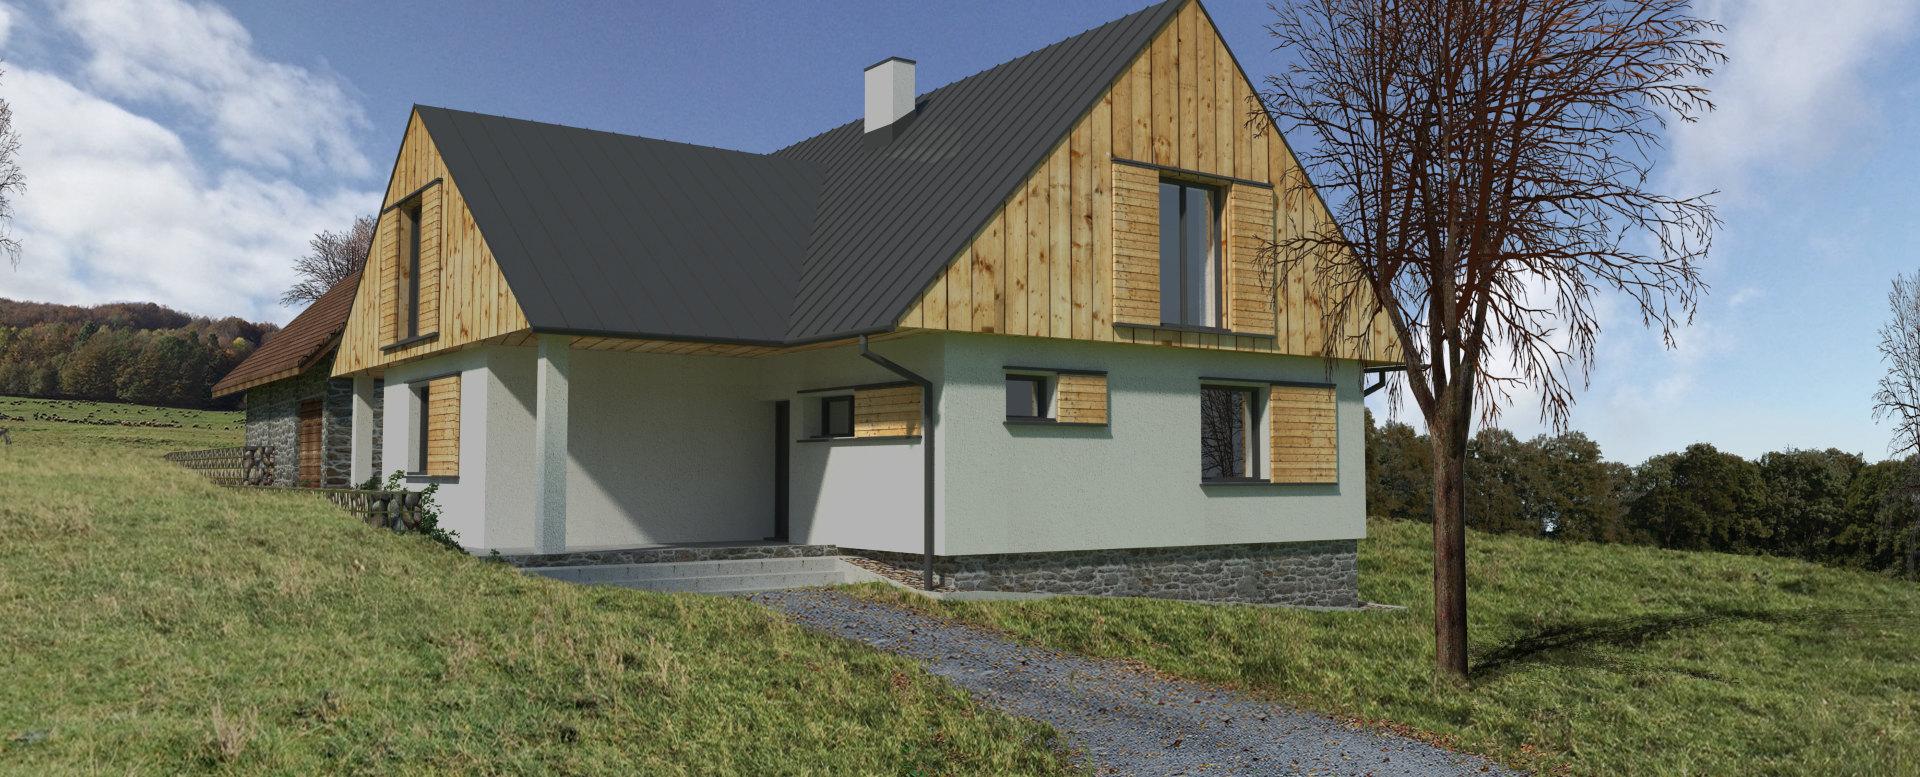 Vizualizácia rodinného domu 6